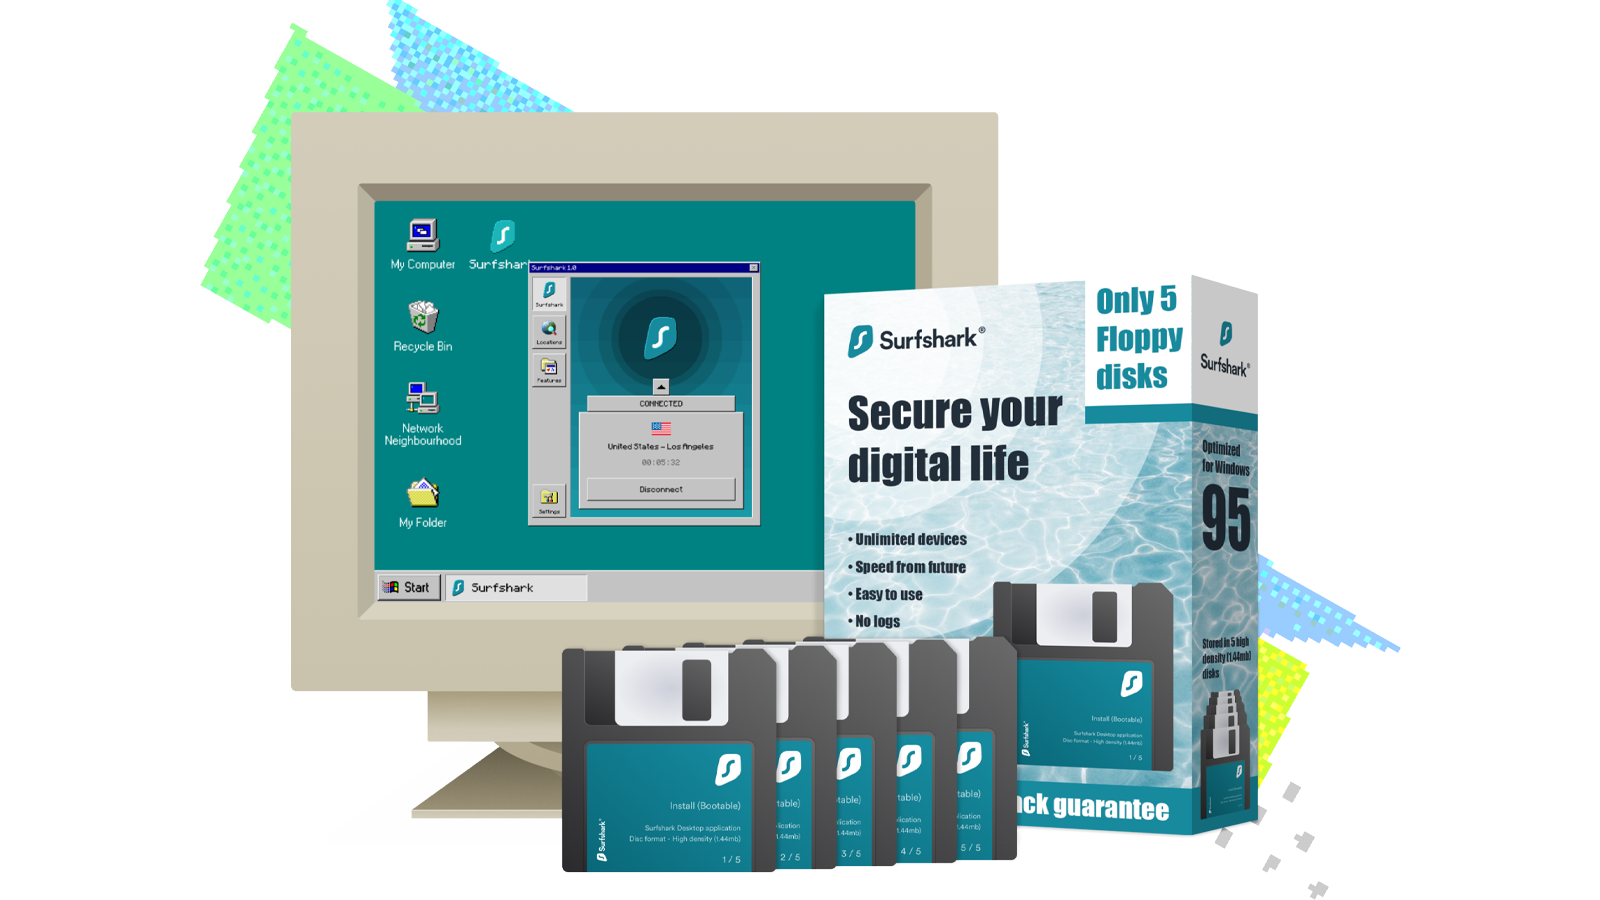 An illustration of Surfshark for Windows 95.